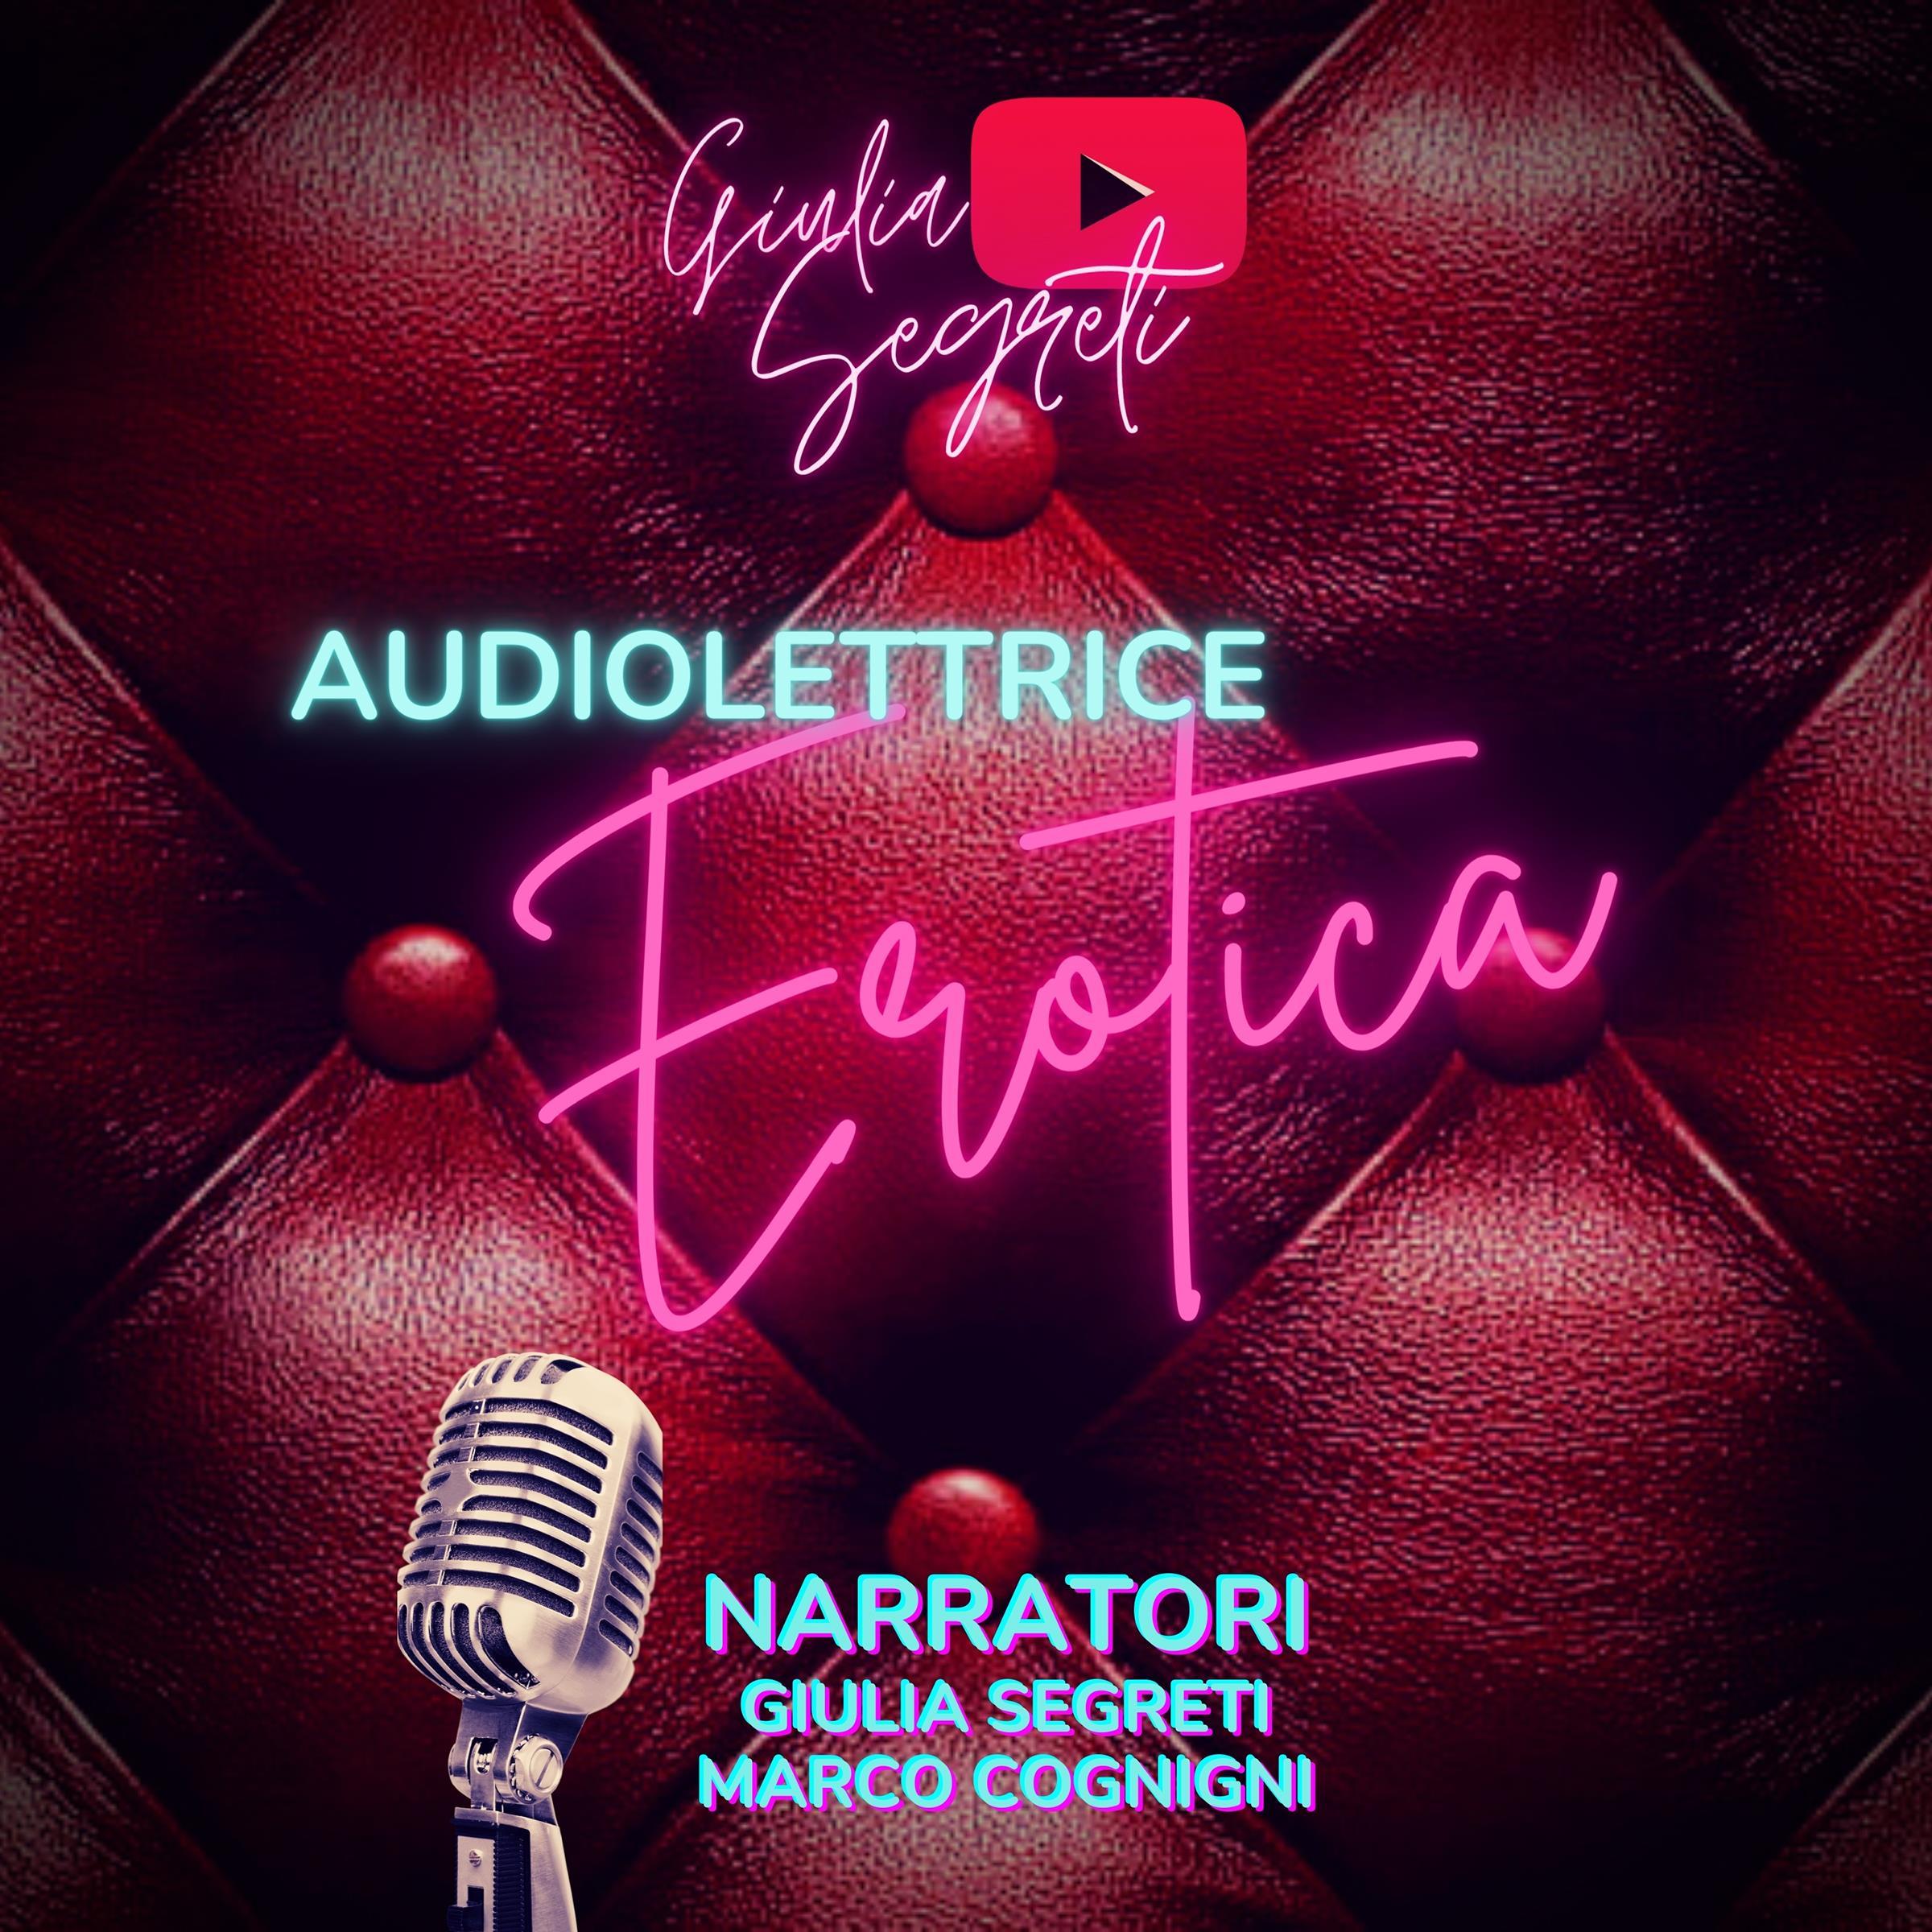 Audiolettrice erotica